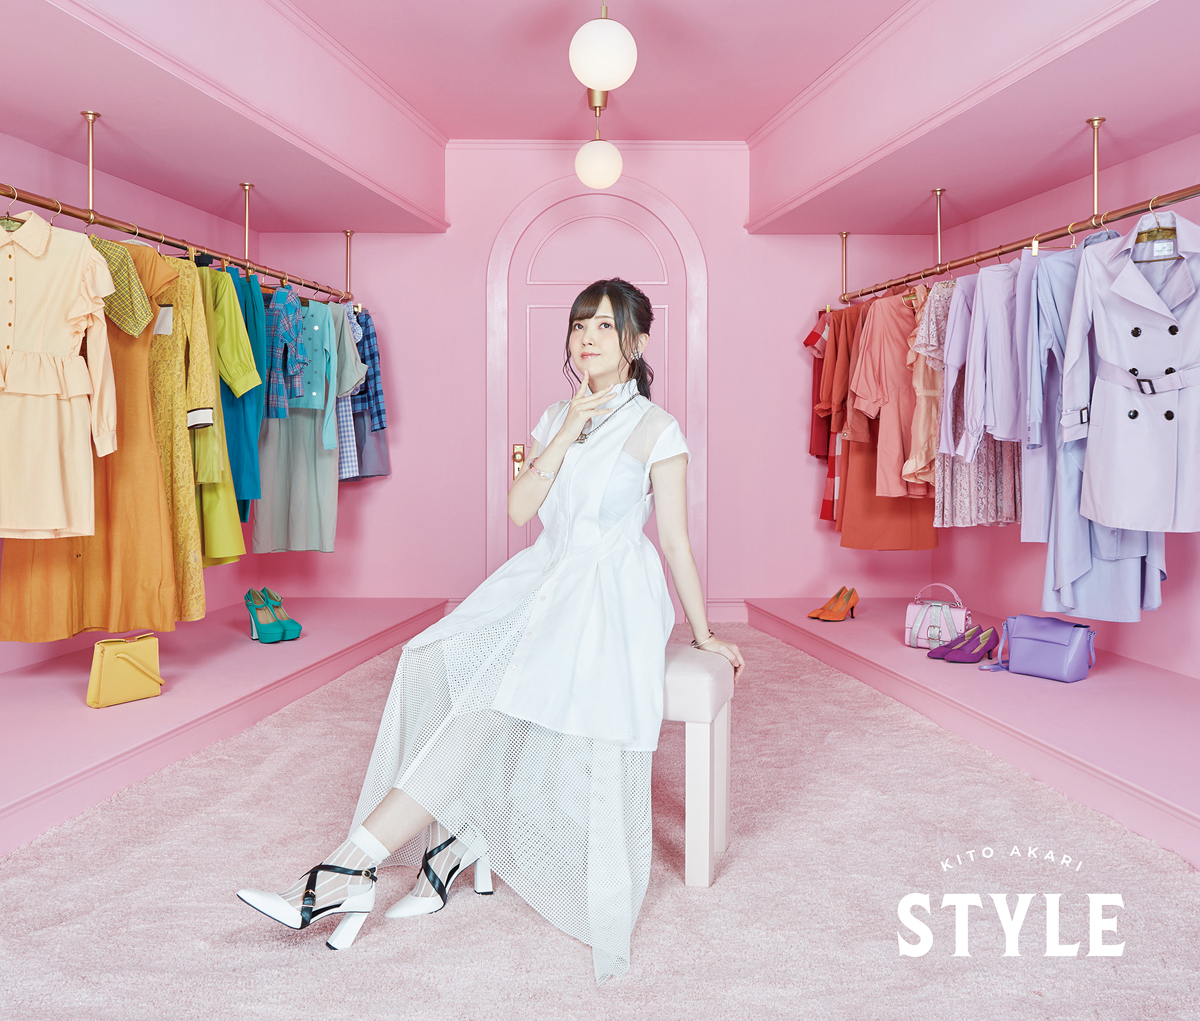 鬼頭明里1stアルバム「STYLE」初回限定盤ジャケット写真